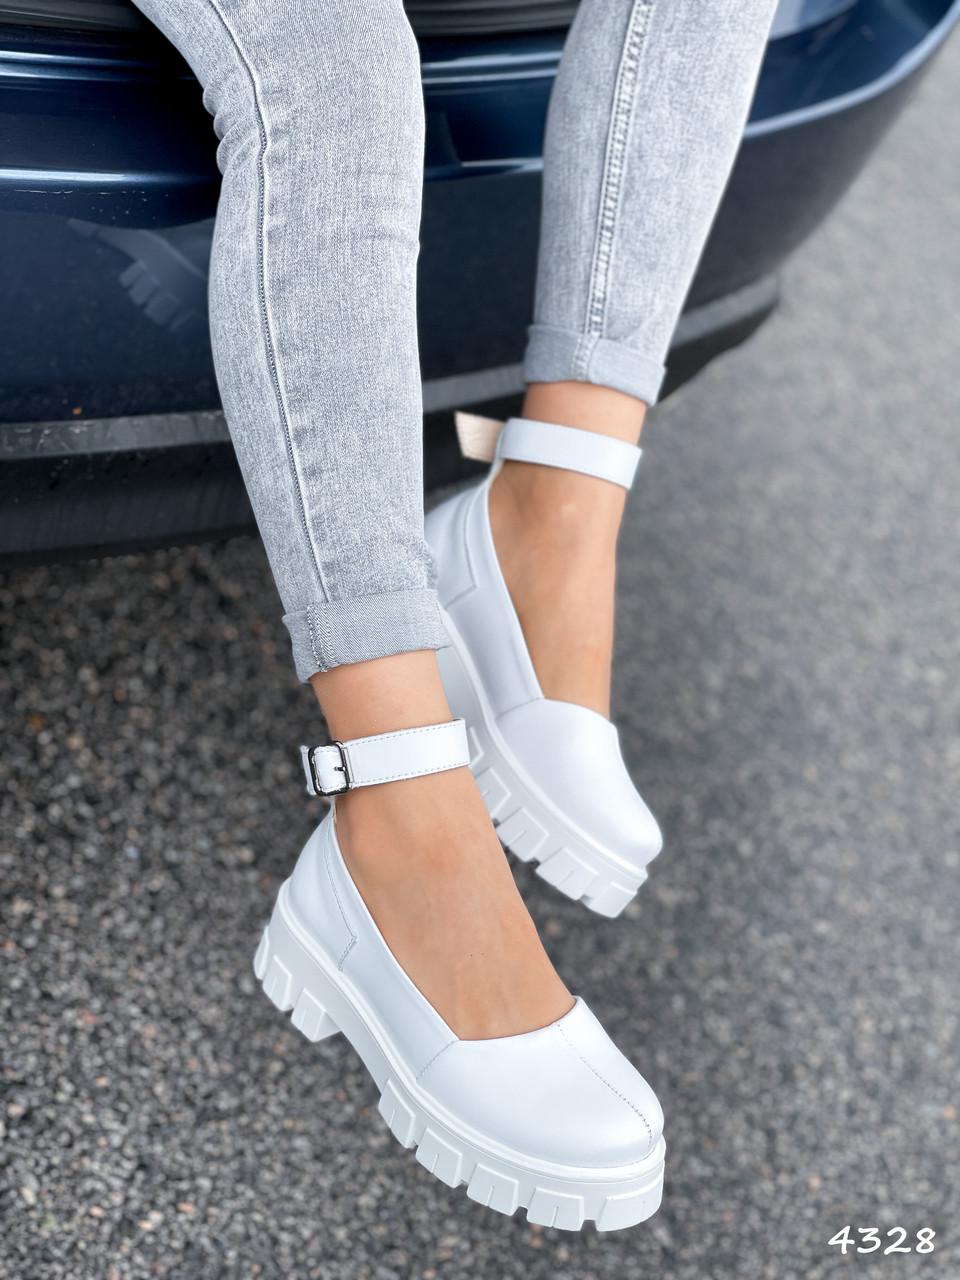 Туфлі жіночі Martel білі 4328